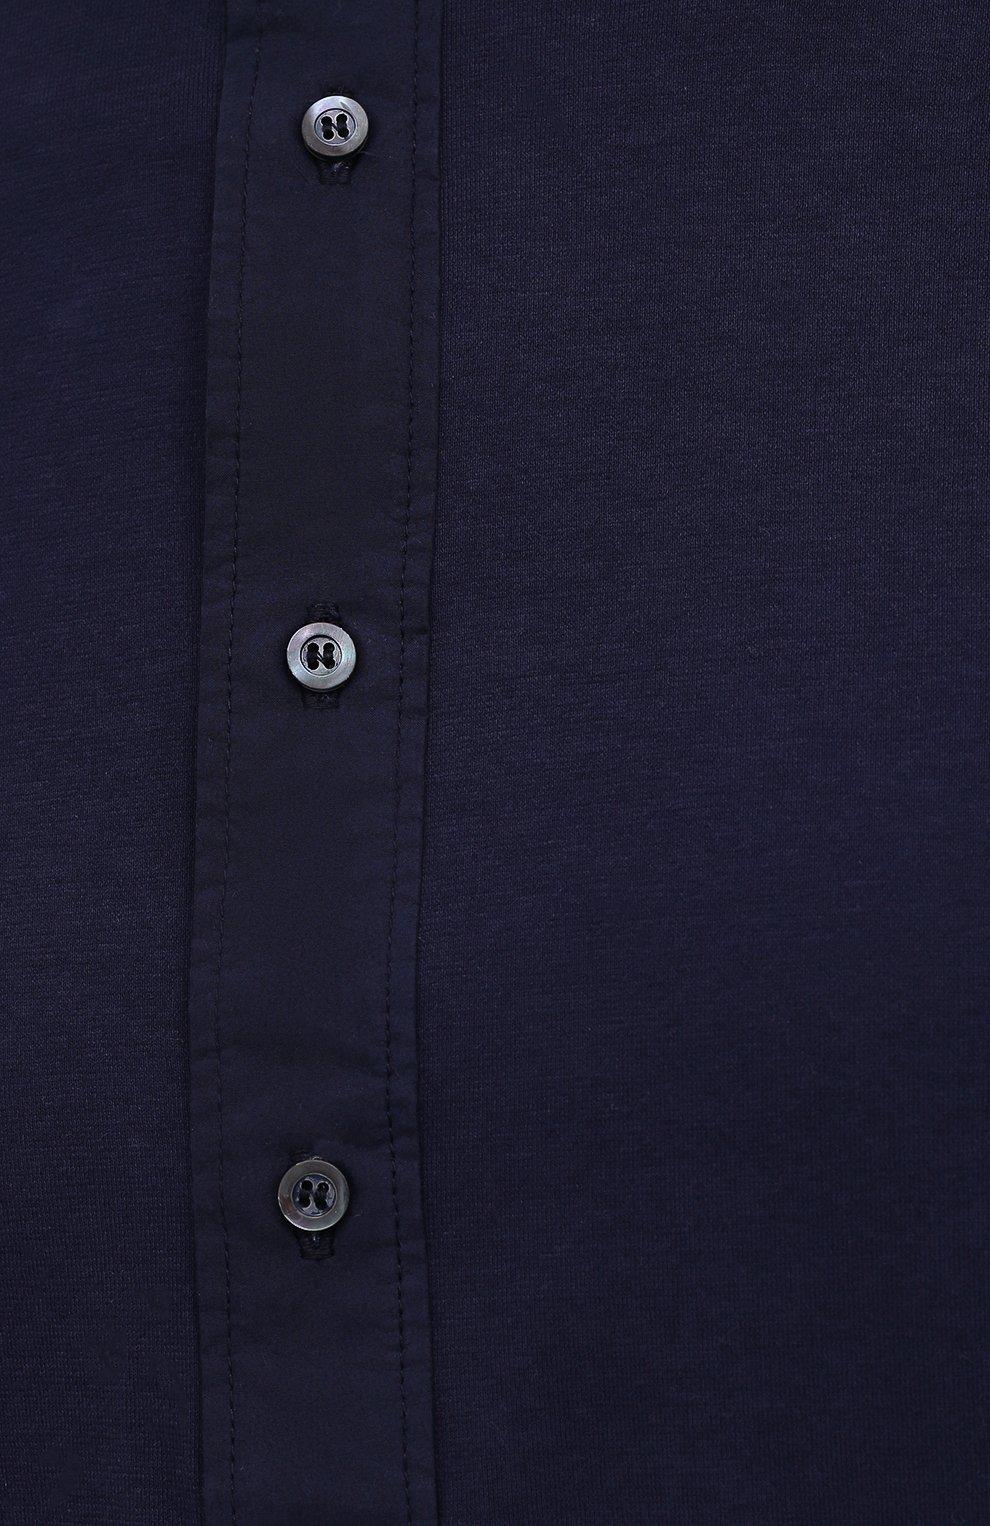 Мужская хлопковая рубашка ASPESI темно-синего цвета, арт. S1 A AY45 9408   Фото 5 (Манжеты: На пуговицах; Рукава: Длинные; Случай: Повседневный; Длина (для топов): Стандартные; Материал внешний: Хлопок; Принт: Однотонные; Воротник: Мандарин; Стили: Кэжуэл)